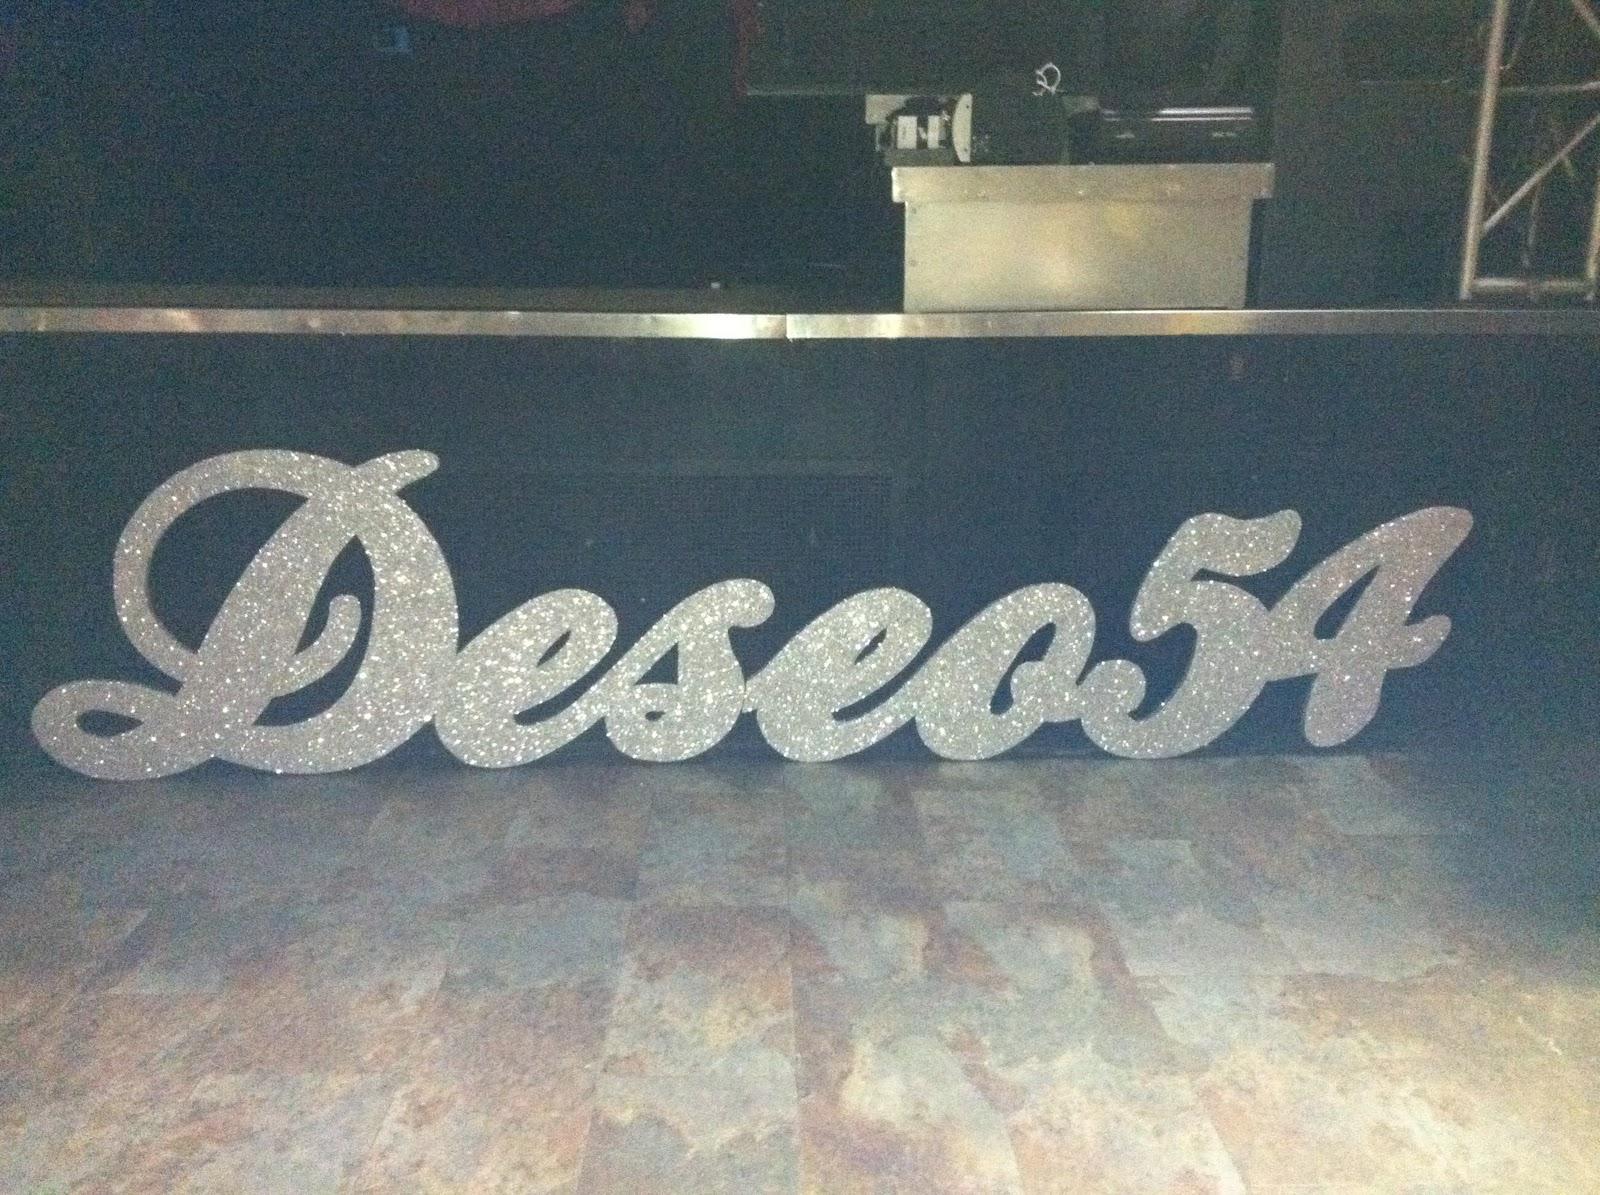 Decoraciones de corcho blanco poliestireno para deseo 54 valencia - Decorar letras de corcho blanco ...